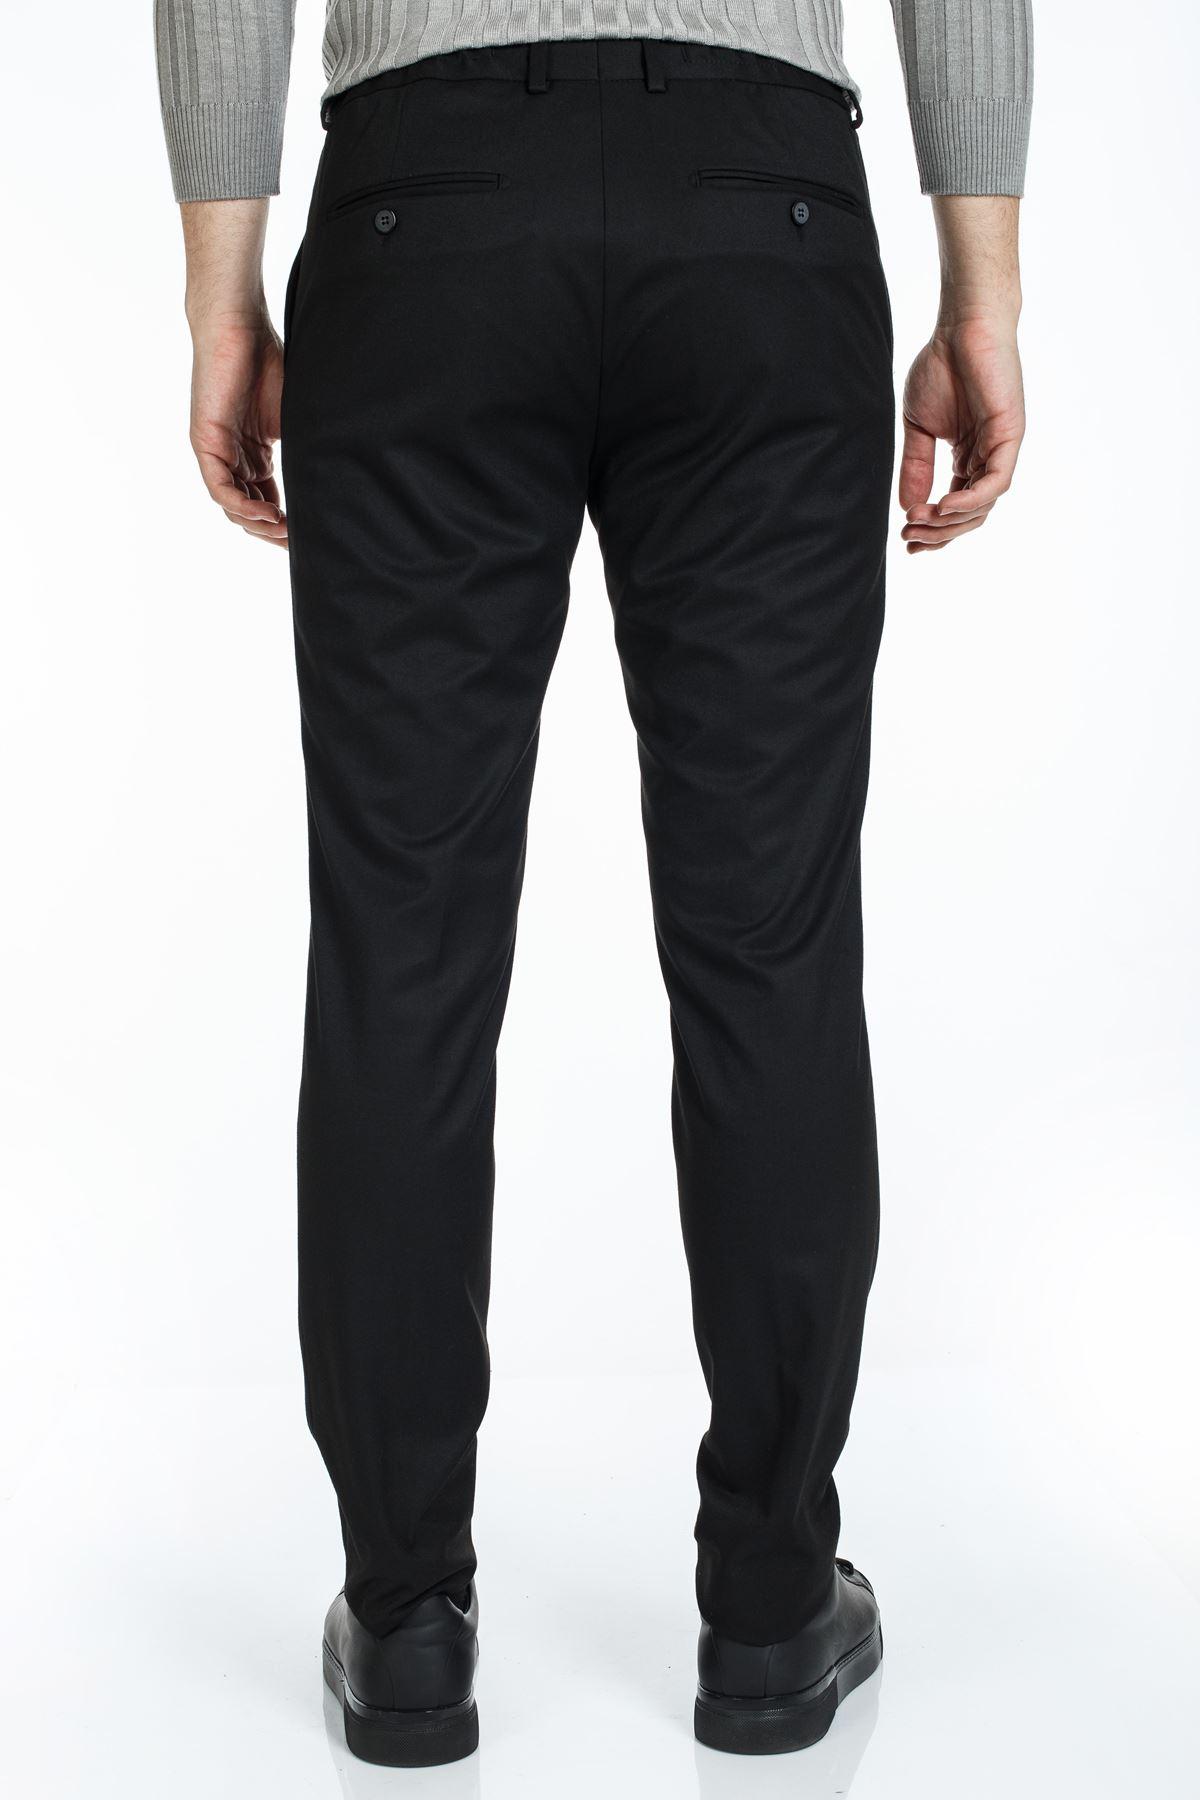 Siyah Süper Slim Kalıp Jogger Pantolon